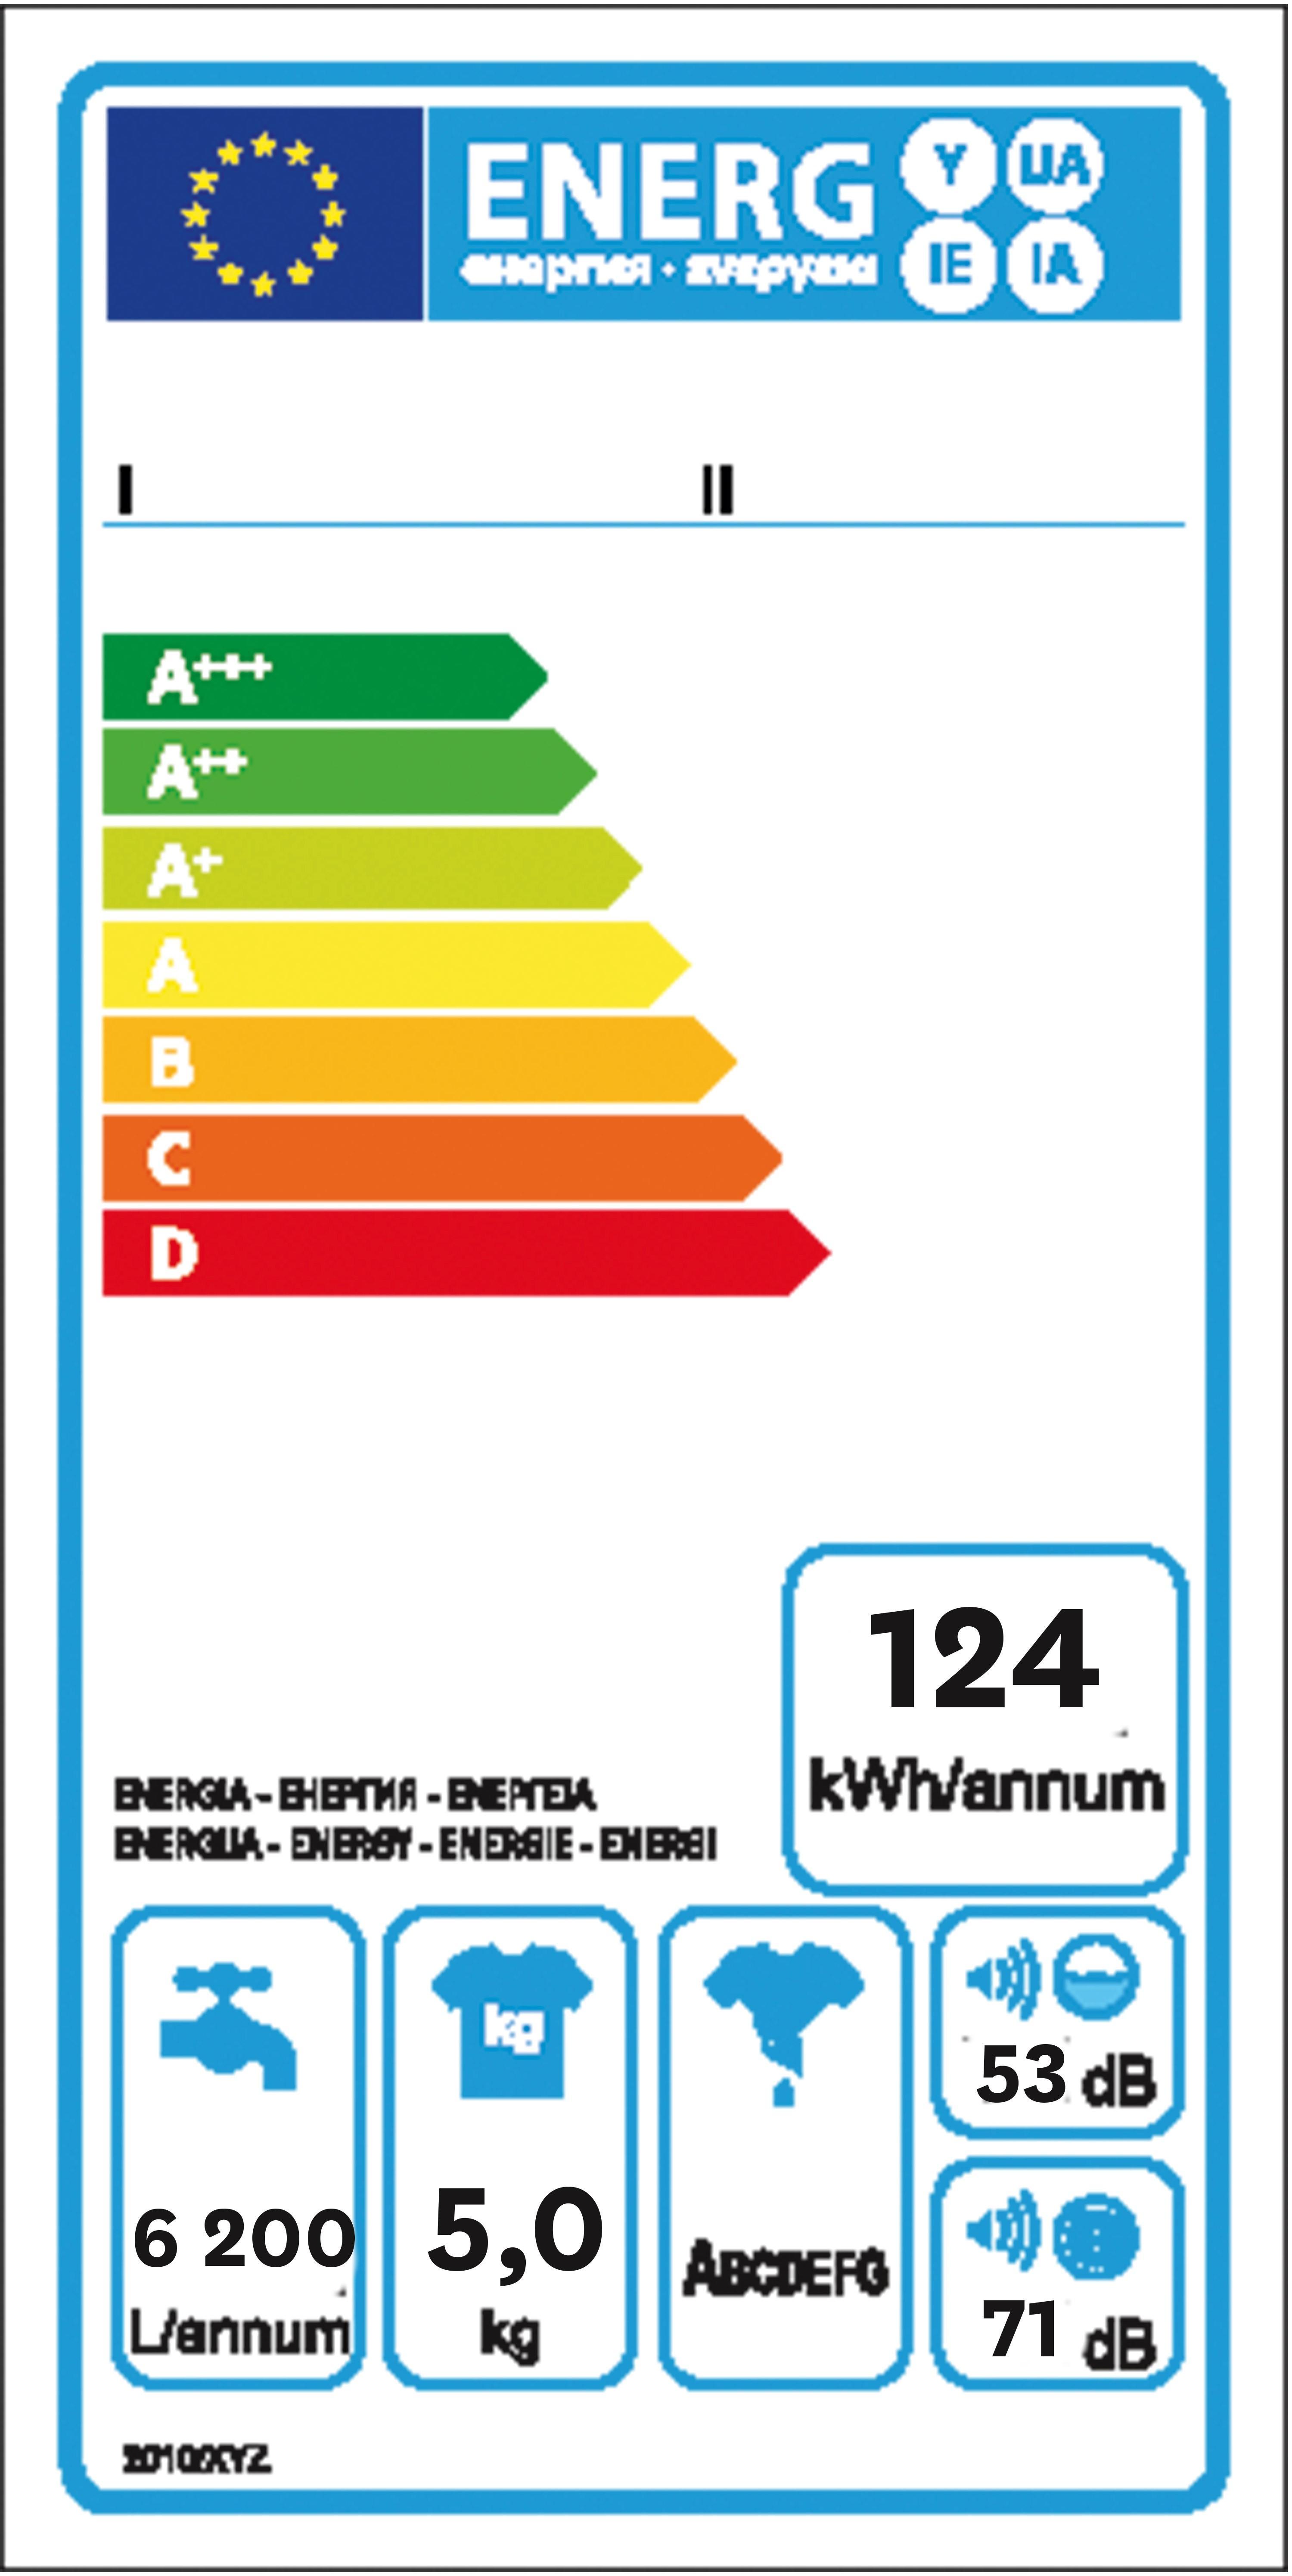 Étiquette- énergie incomplète du lave-linge.